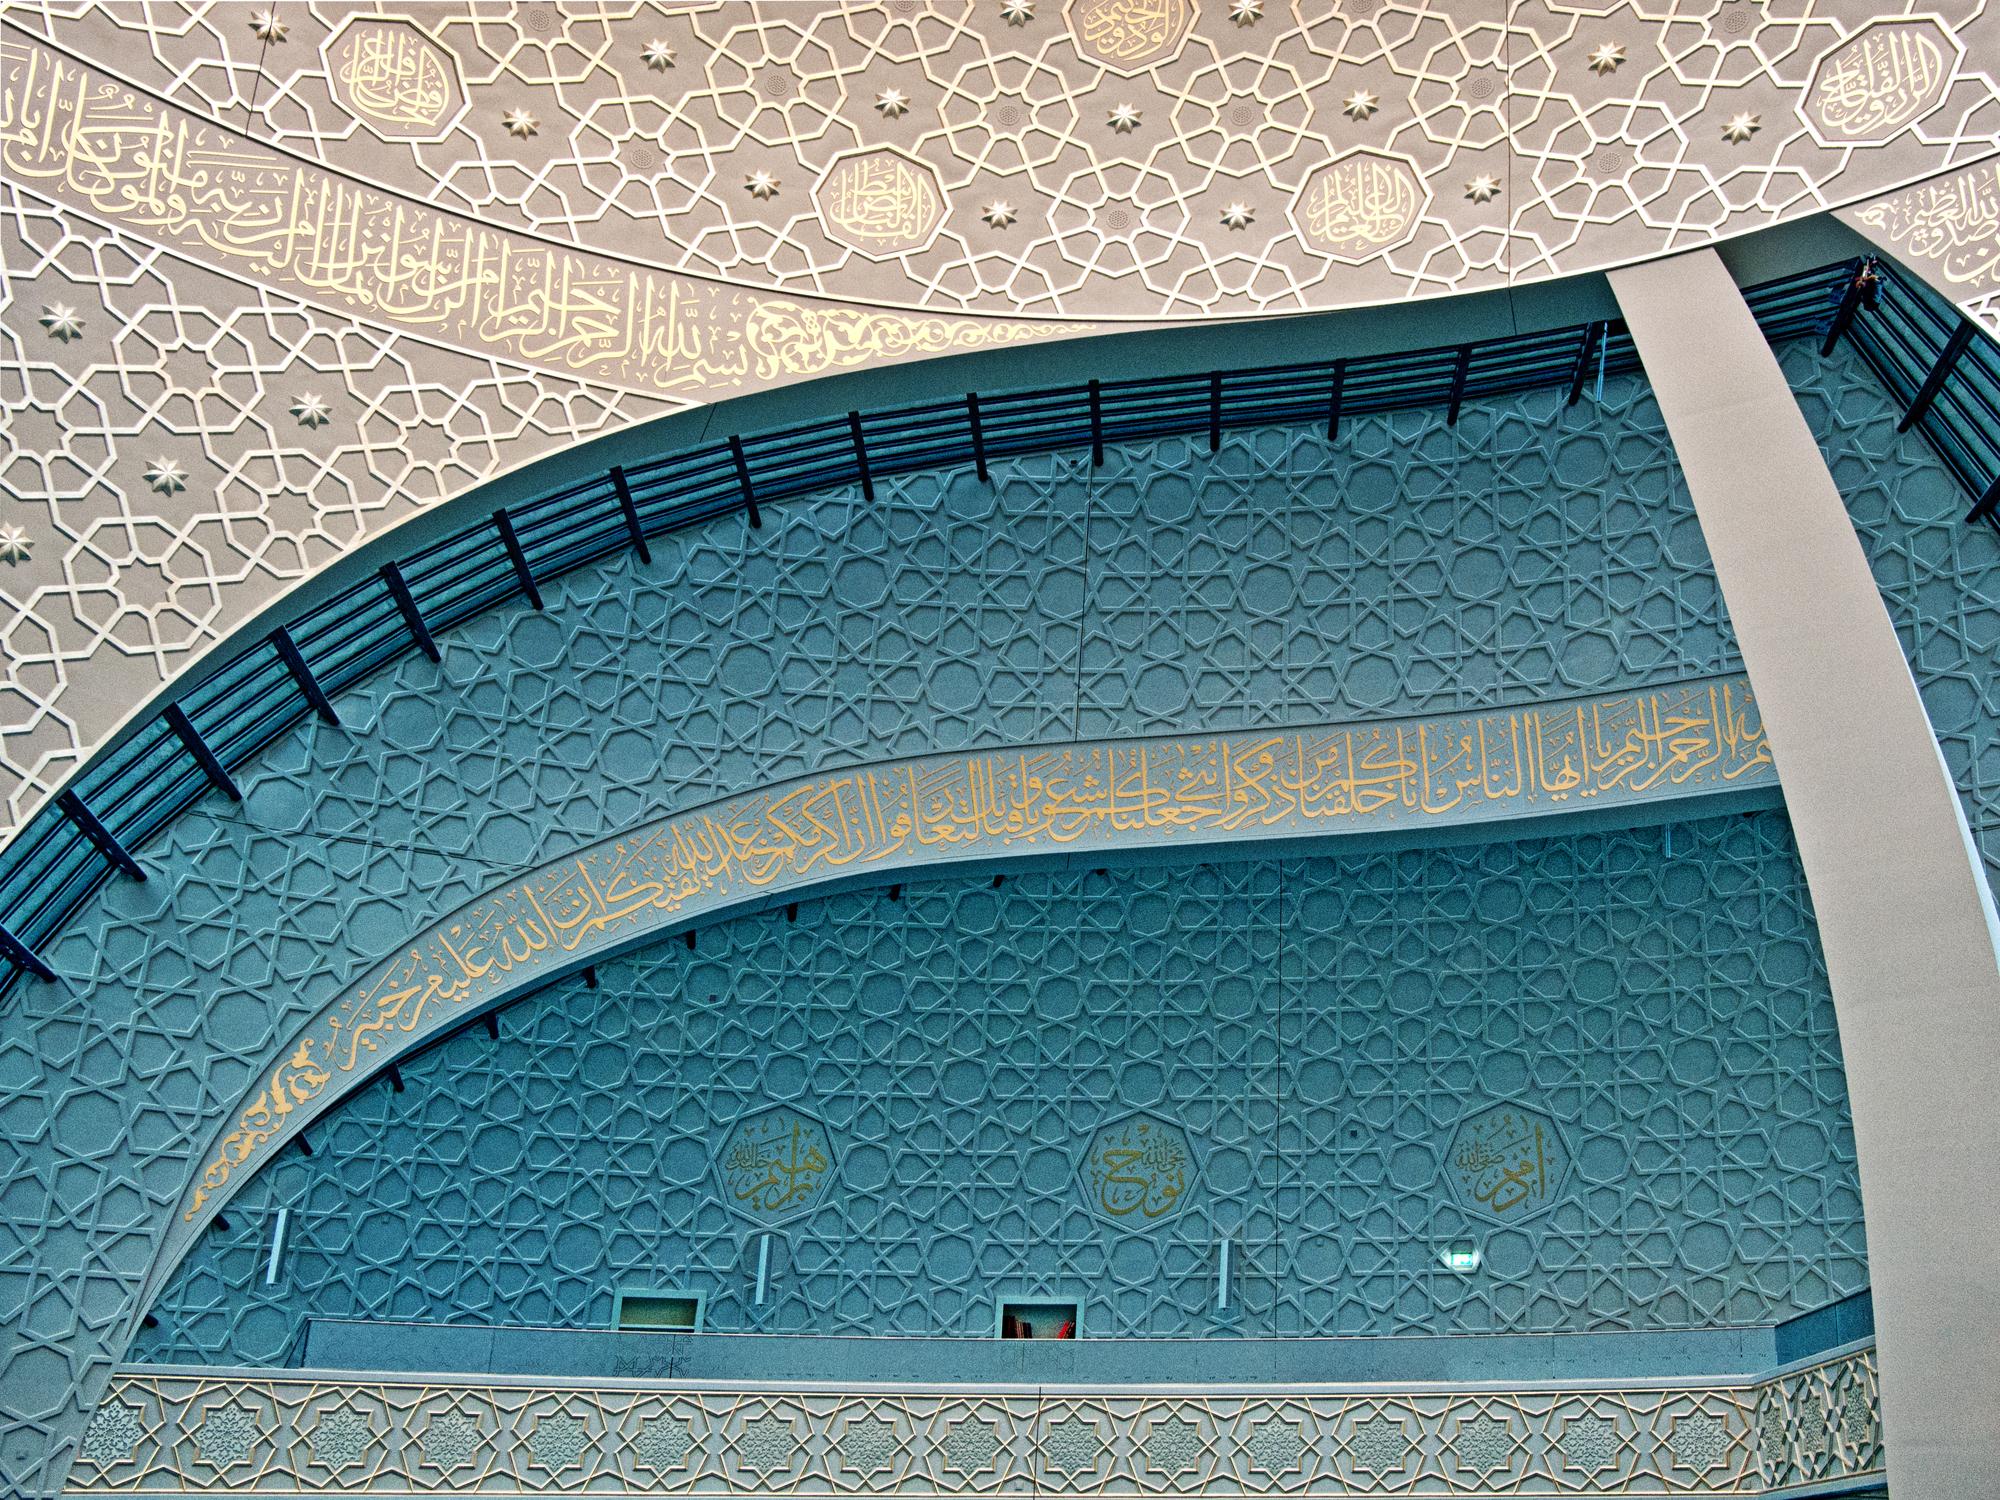 Auf den Schriftbändern finden sich die 99 Namen Allahs: Der Gnädige, der Barmherzige, der Beschützer,...                                                                     Foto: I. Engels